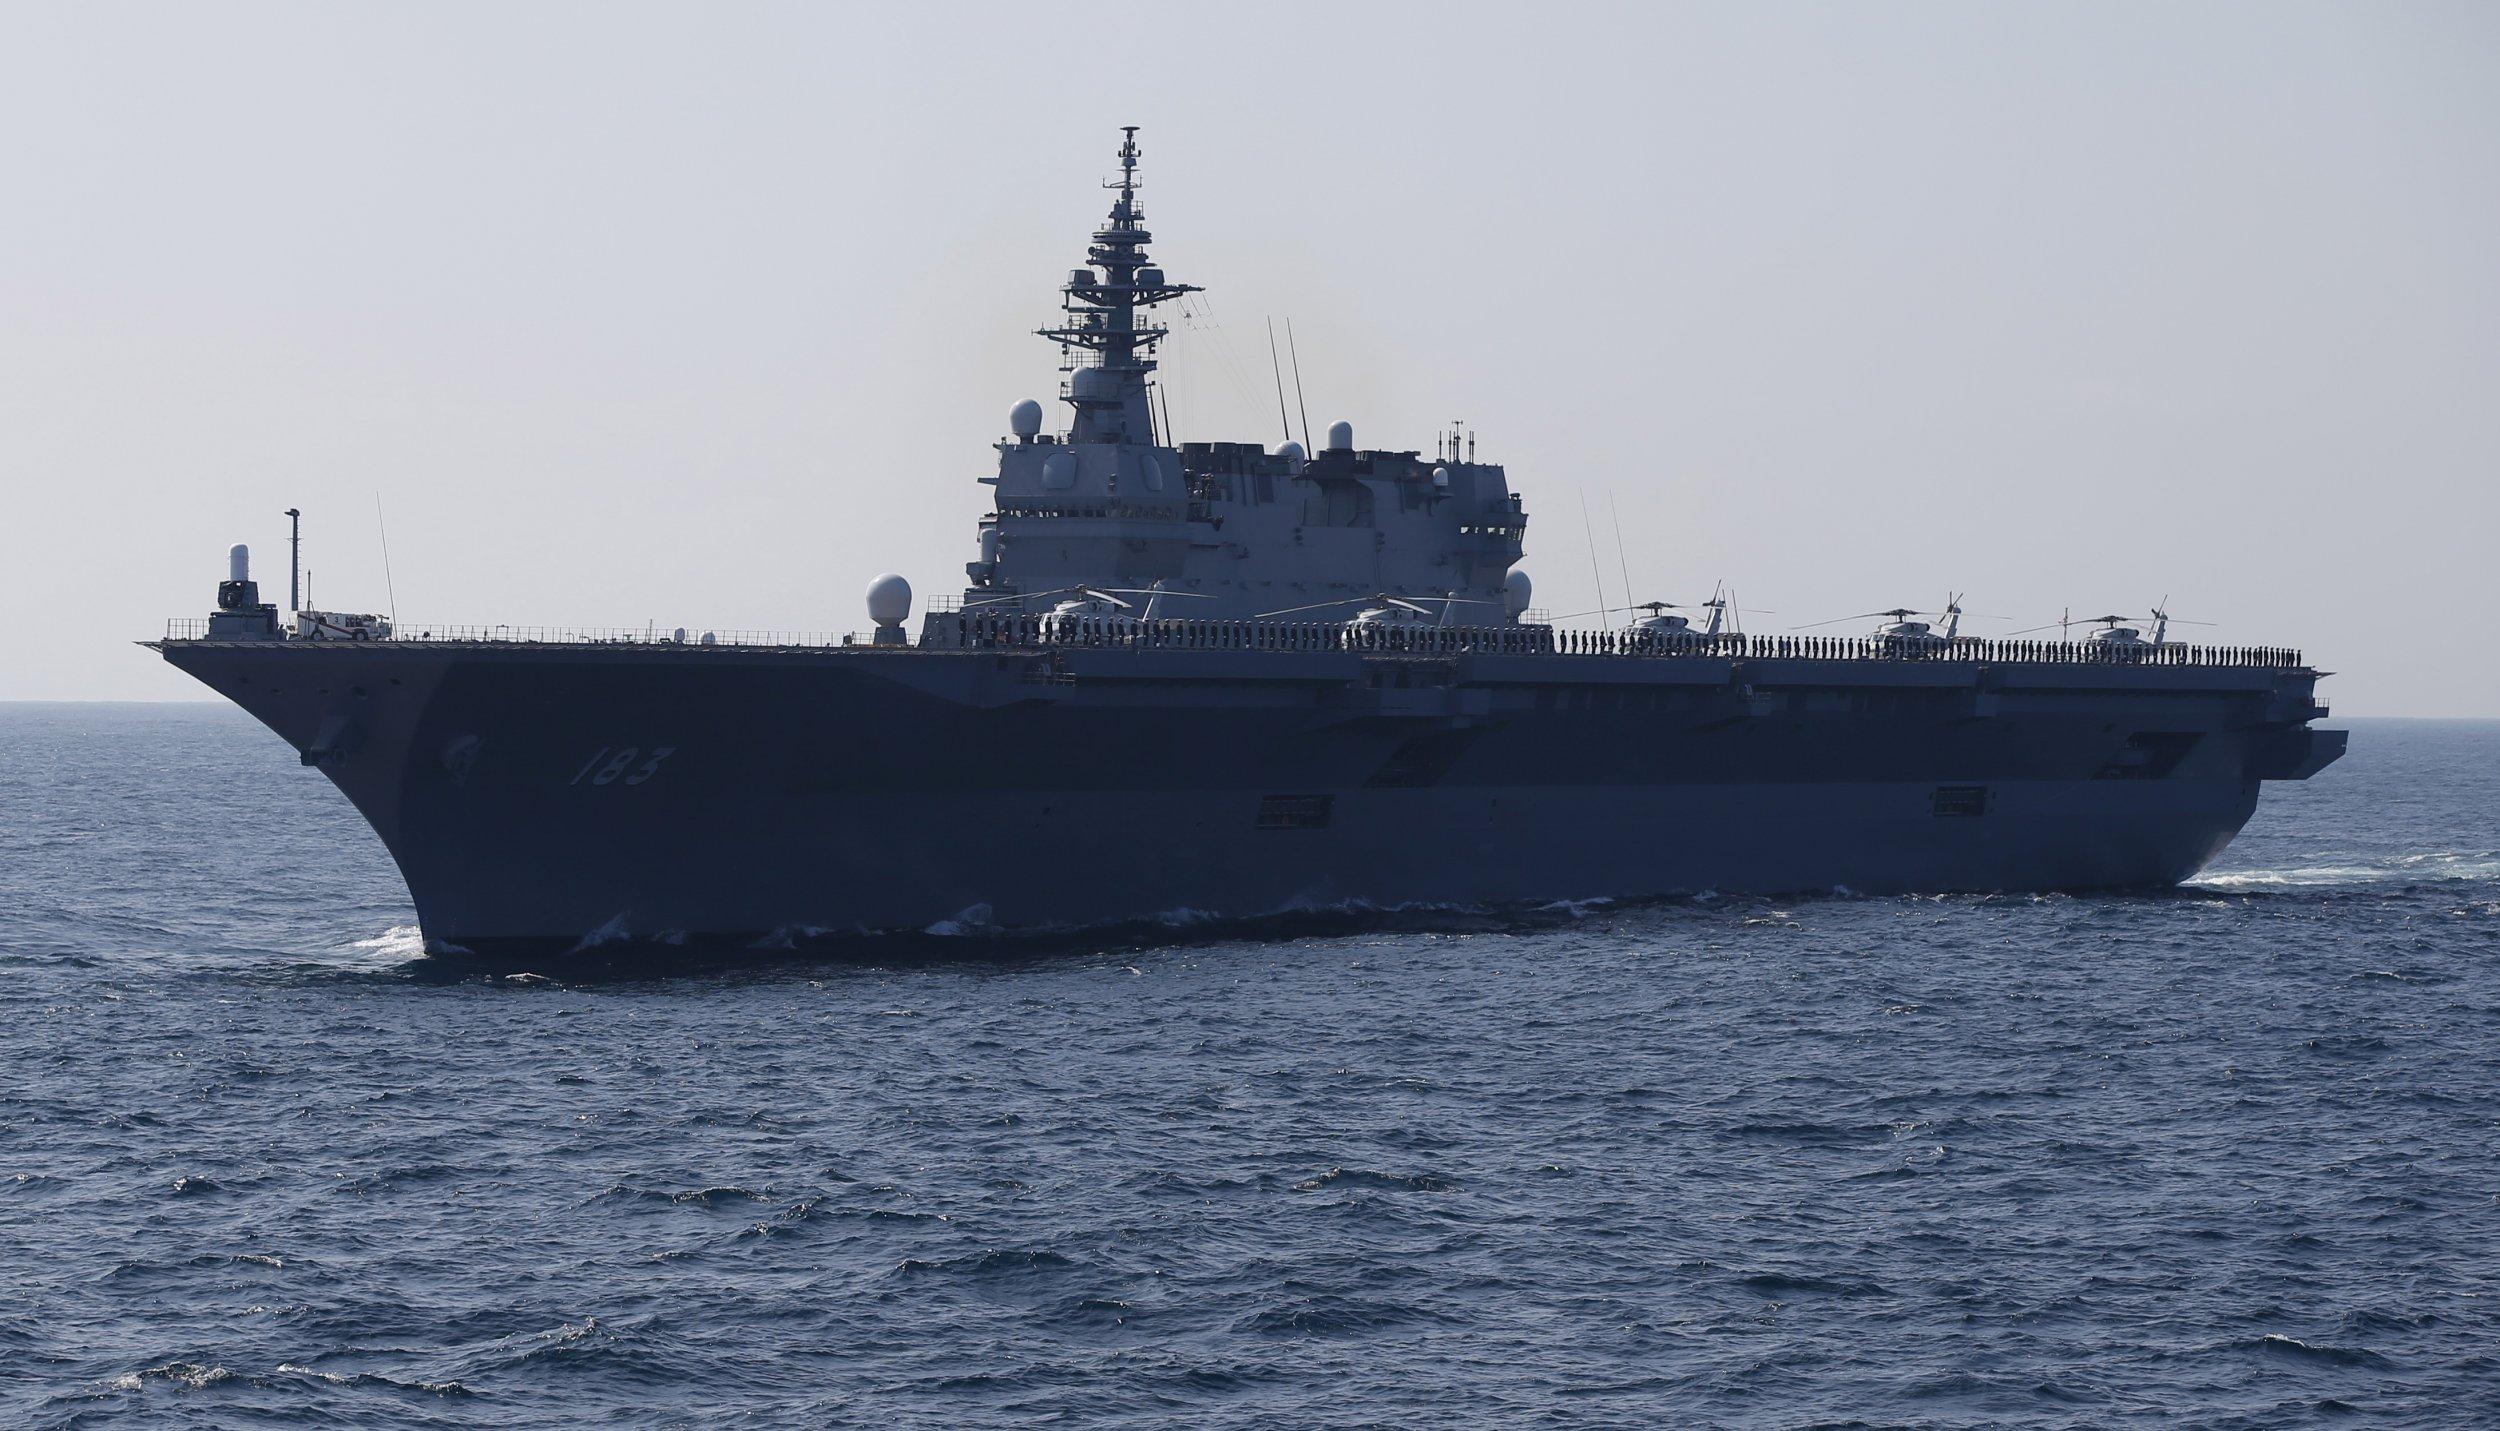 Warship in Japan